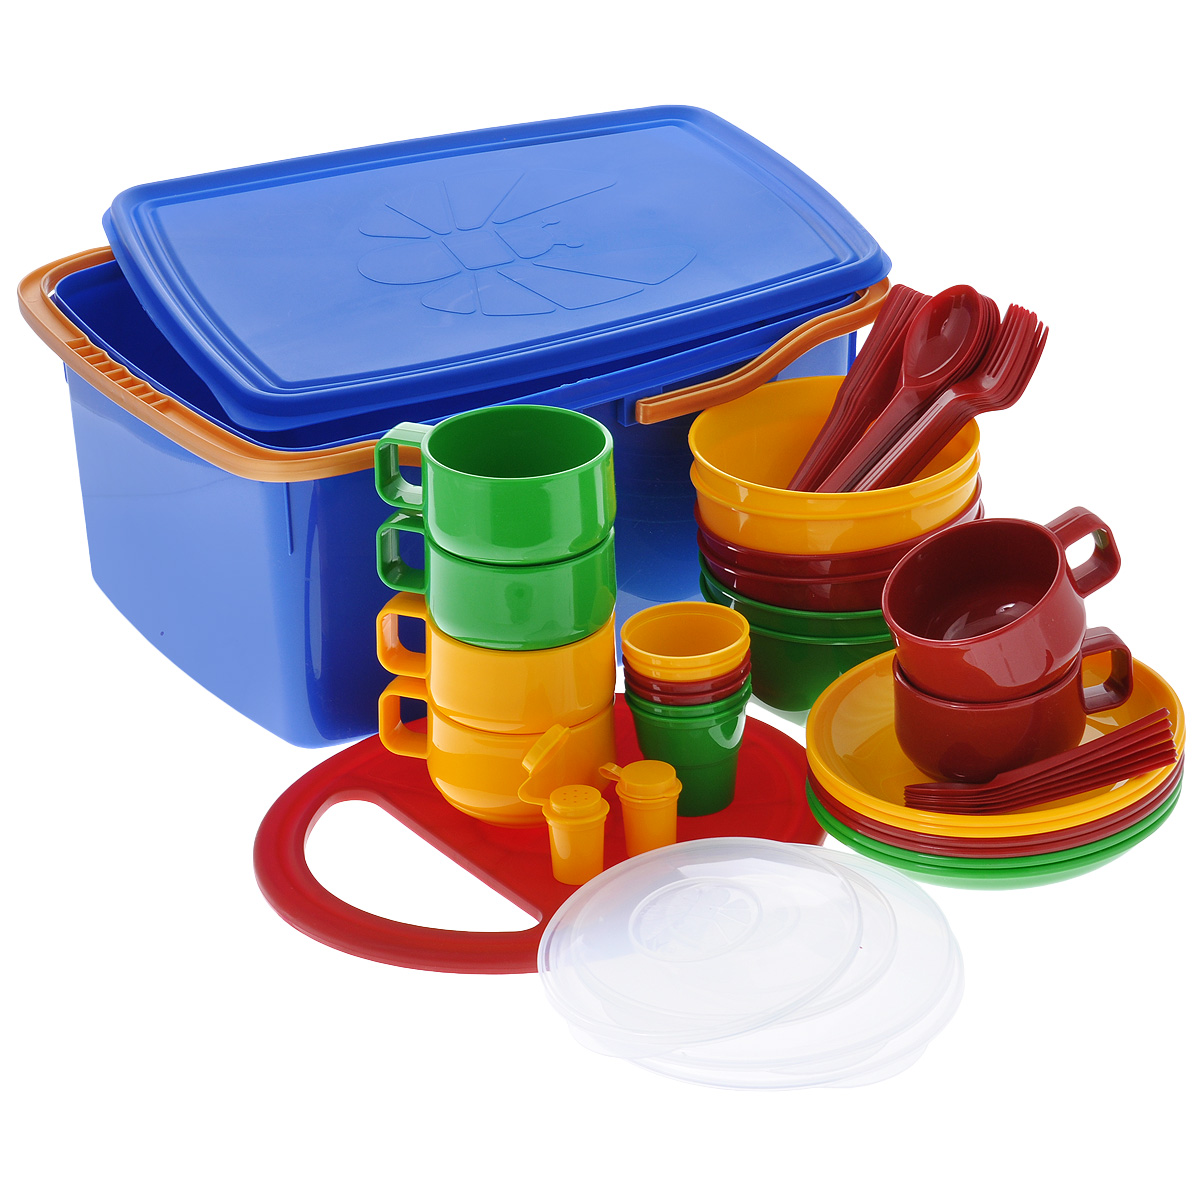 Набор посуды Solaris, в контейнере, на 6 персонWS 7064Компактный расширенный набор посуды Solaris на 6 персон, в удобном пластиковом контейнере с ручками и герметичной крышкой.В походном положении весь набор находится внутри контейнера.Свойства посуды:Посуда из ударопрочного пищевого полипропилена предназначена для многократного использования. Легкая, прочная и износостойкая, экологически чистая, эта посуда работает в диапазоне температур от -25°С до +110°С. Можно мыть в посудомоечной машине. Эта посуда также обеспечивает:Хранение горячих и холодных пищевых продуктов;Разогрев продуктов в микроволновой печи;Приготовление пищи в микроволновой печи на пару (пароварка);Хранение продуктов в холодильной и морозильной камере;Кипячение воды с помощью электрокипятильника.Состав набора:Контейнер с герметичной крышкой и ручками, объем 17 л;6 мисок, объем 1 л;2 герметичных крышки к миске, 1 л;6 тарелок;2 герметичных крышки к тарелке;6 чашек, объем 0,28 л;6 стаканов с мерными делениями, объем 0,1 л;6 вилок;6 ложек столовых;6 ножей;6 ложек чайных;2 солонки;Разделочная доска.Размер контейнера: 40 см х 31 см х 19 см.Диаметр чашек: 9,3 см.Высота чашек: 6,5 см.Диаметр мисок: 15 см.Высота мисок: 7,5 см.Диаметр стаканов: 6,5 см.Высота стаканов: 6,5 см.Диаметр тарелок: 19 см.Высота тарелок: 3 см.Размер разделочной доски: 30,5 см х 26,5 см.Длина ложек: 19 см.Длина вилок: 19 см.Длина ножей: 19 см.Длина чайных ложек: 13,5 см.